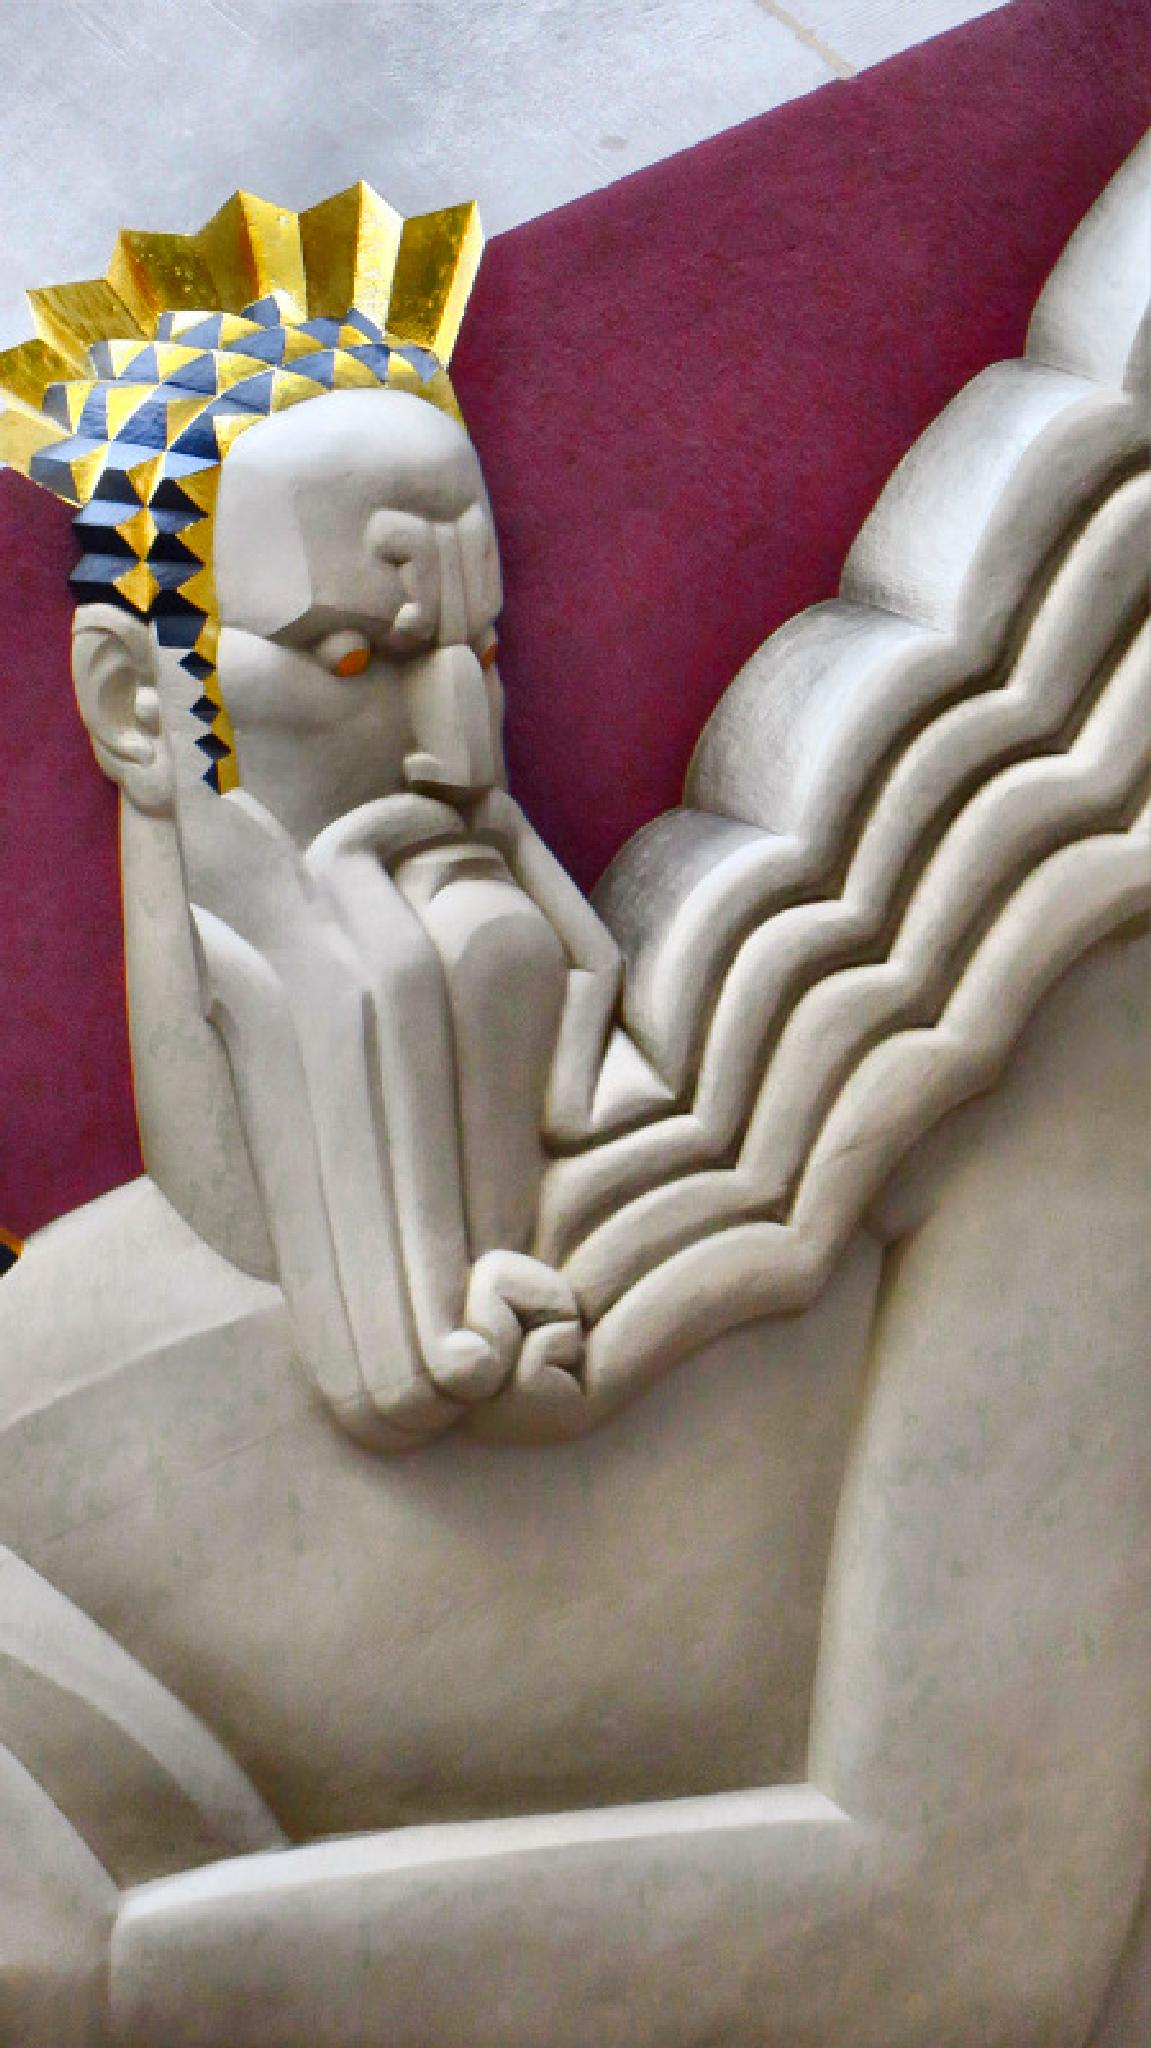 2014-07-18 1248 Rockefeller Center Zeus by jezevec40